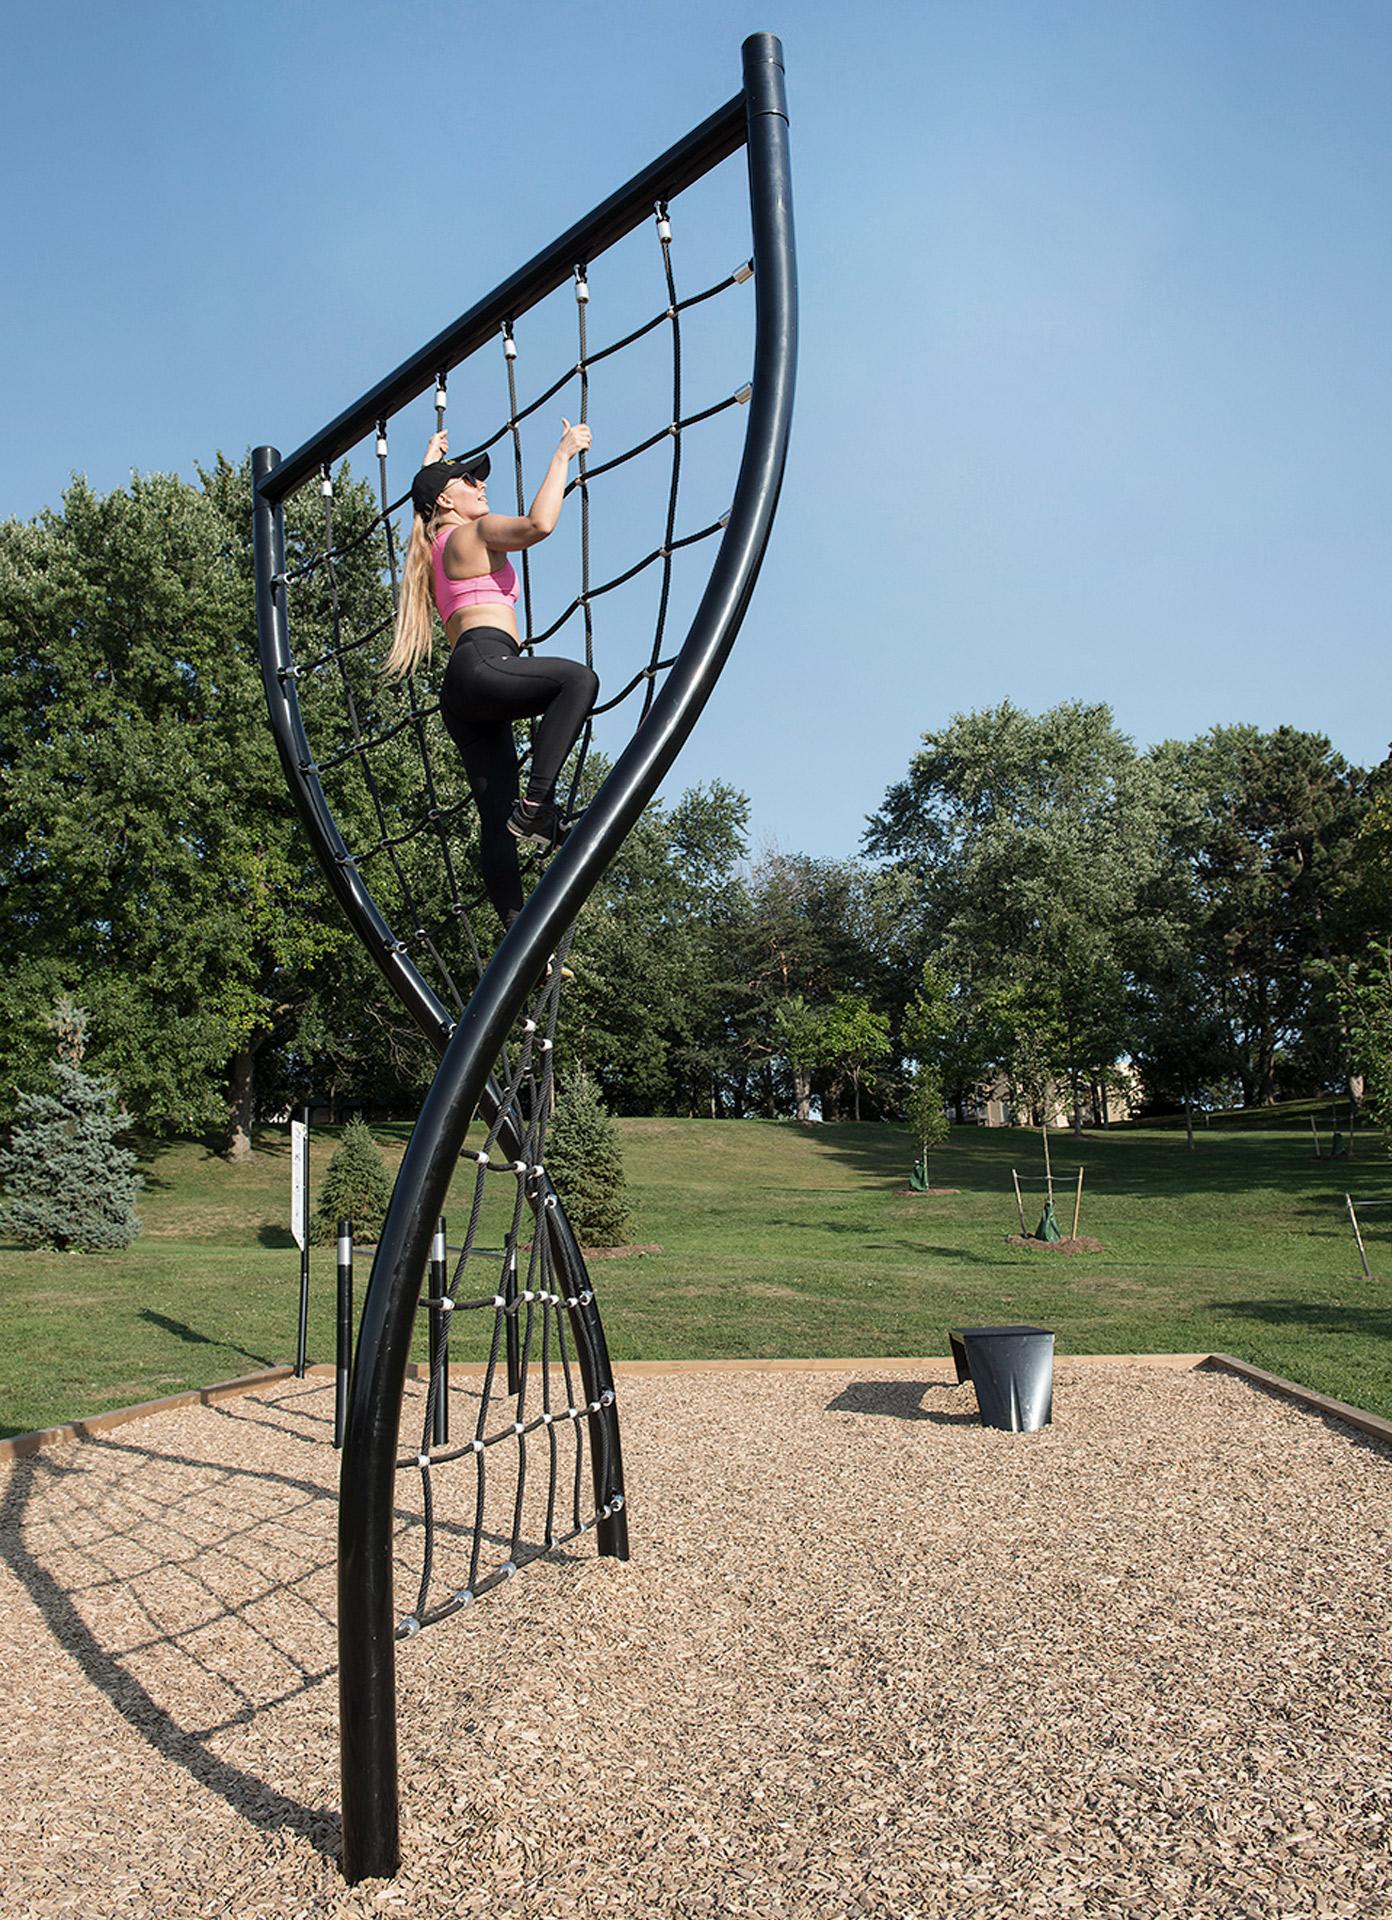 Sport femme extérieur parc escalade